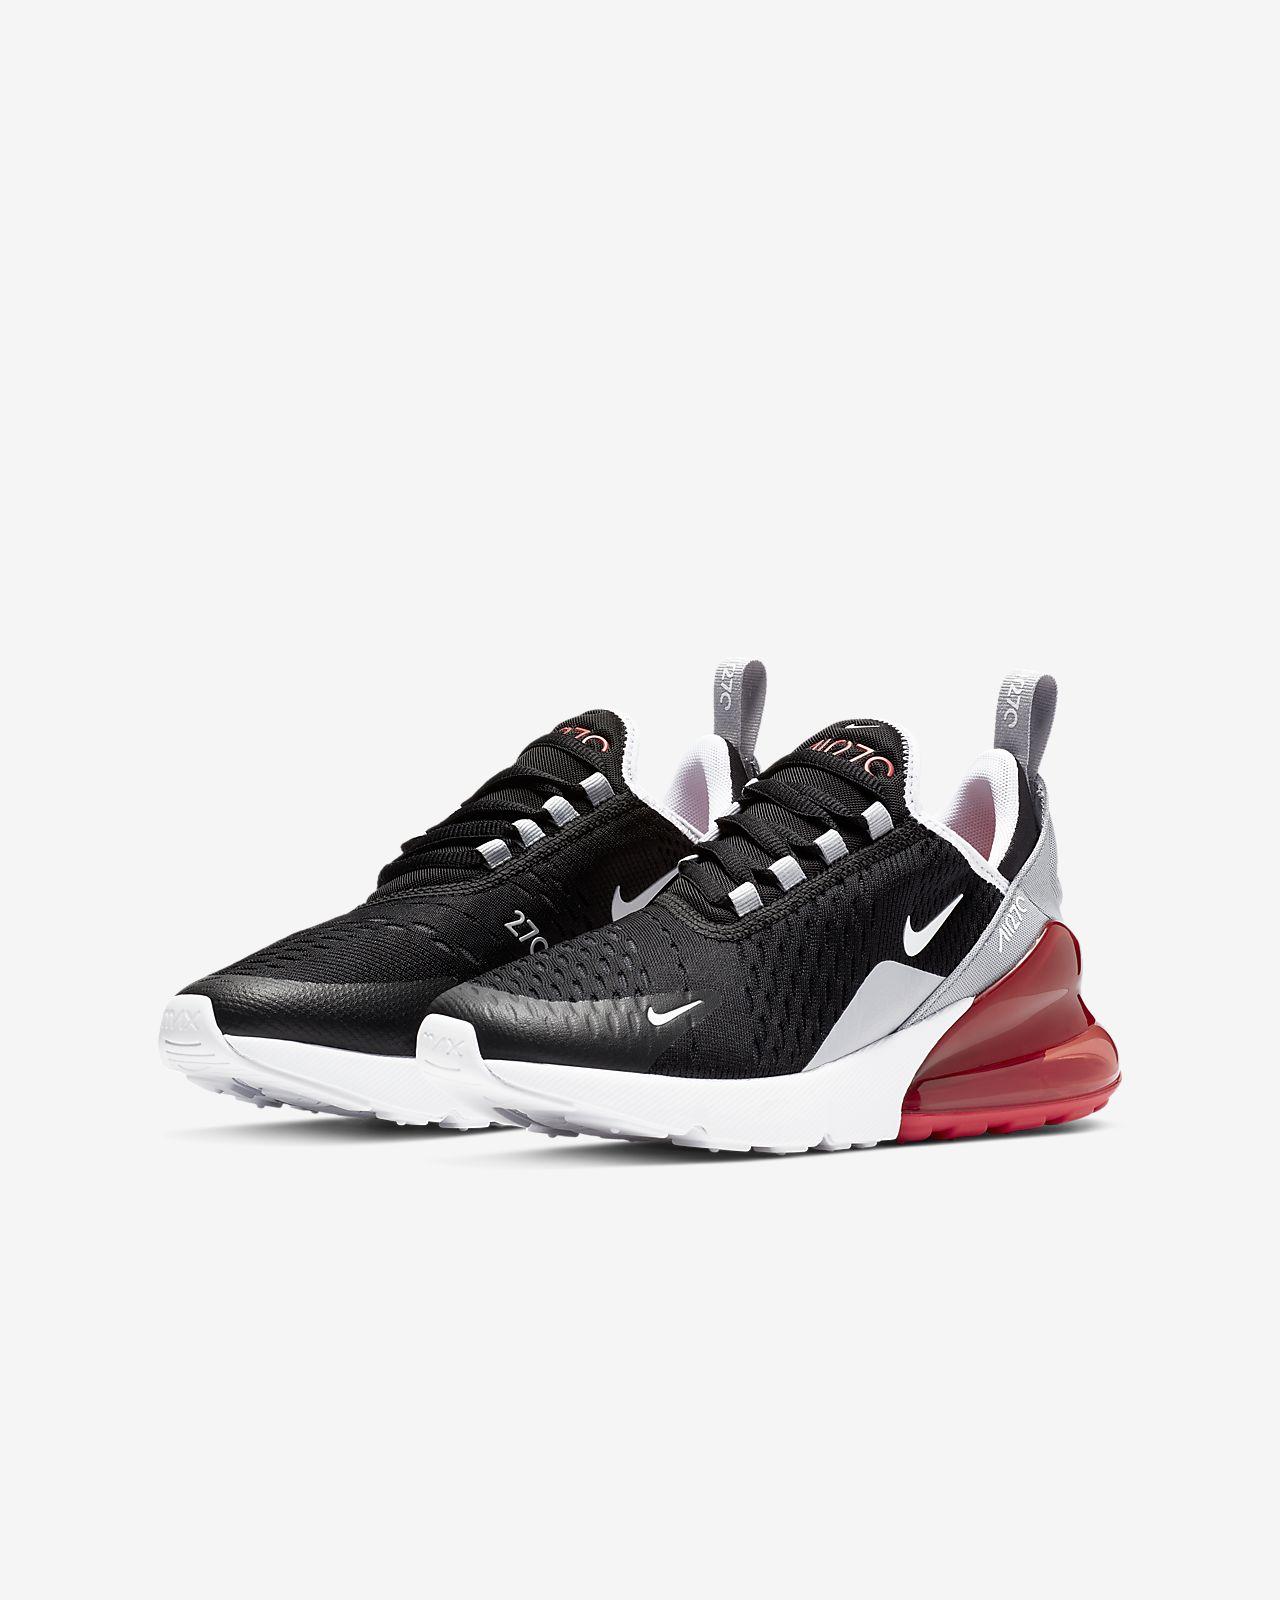 4599052da7 Nike Air Max 270 Older Kids' Shoe. Nike.com CA